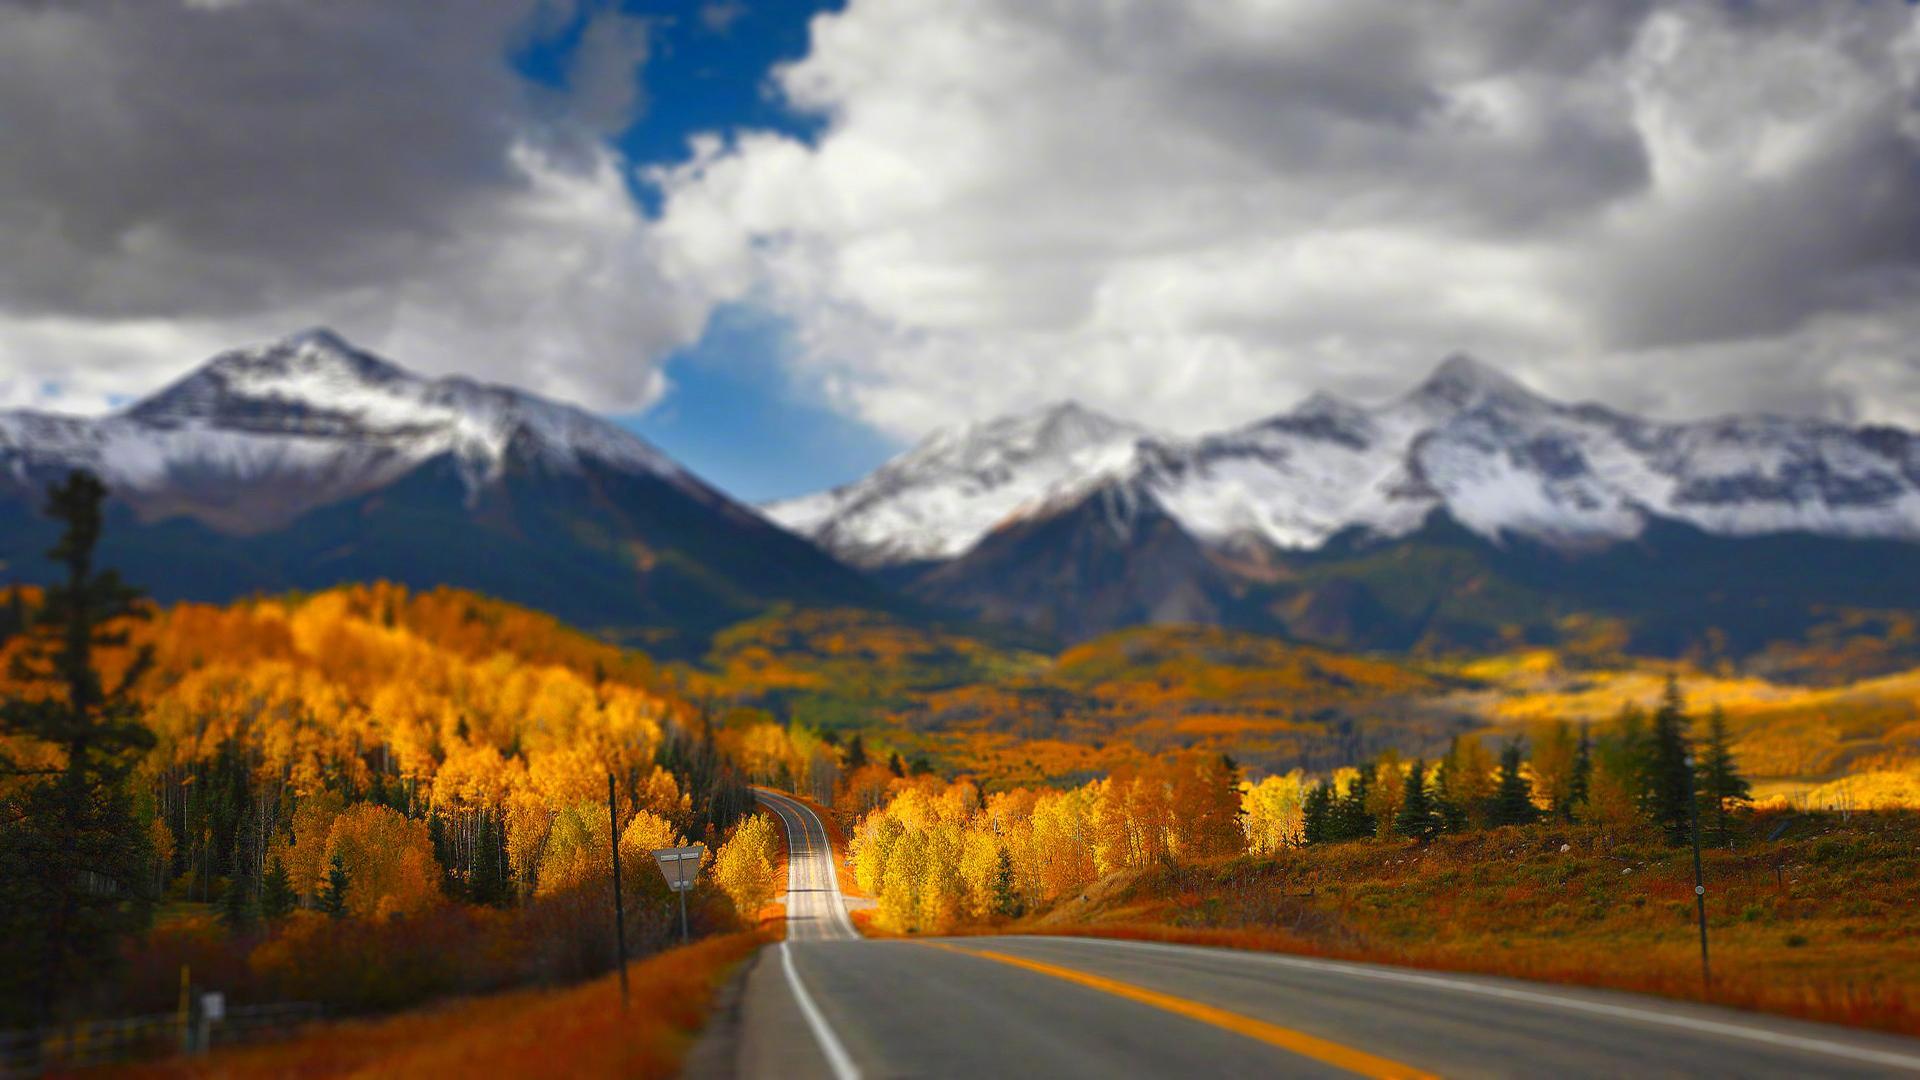 唯美意境道路风景图片桌面壁纸